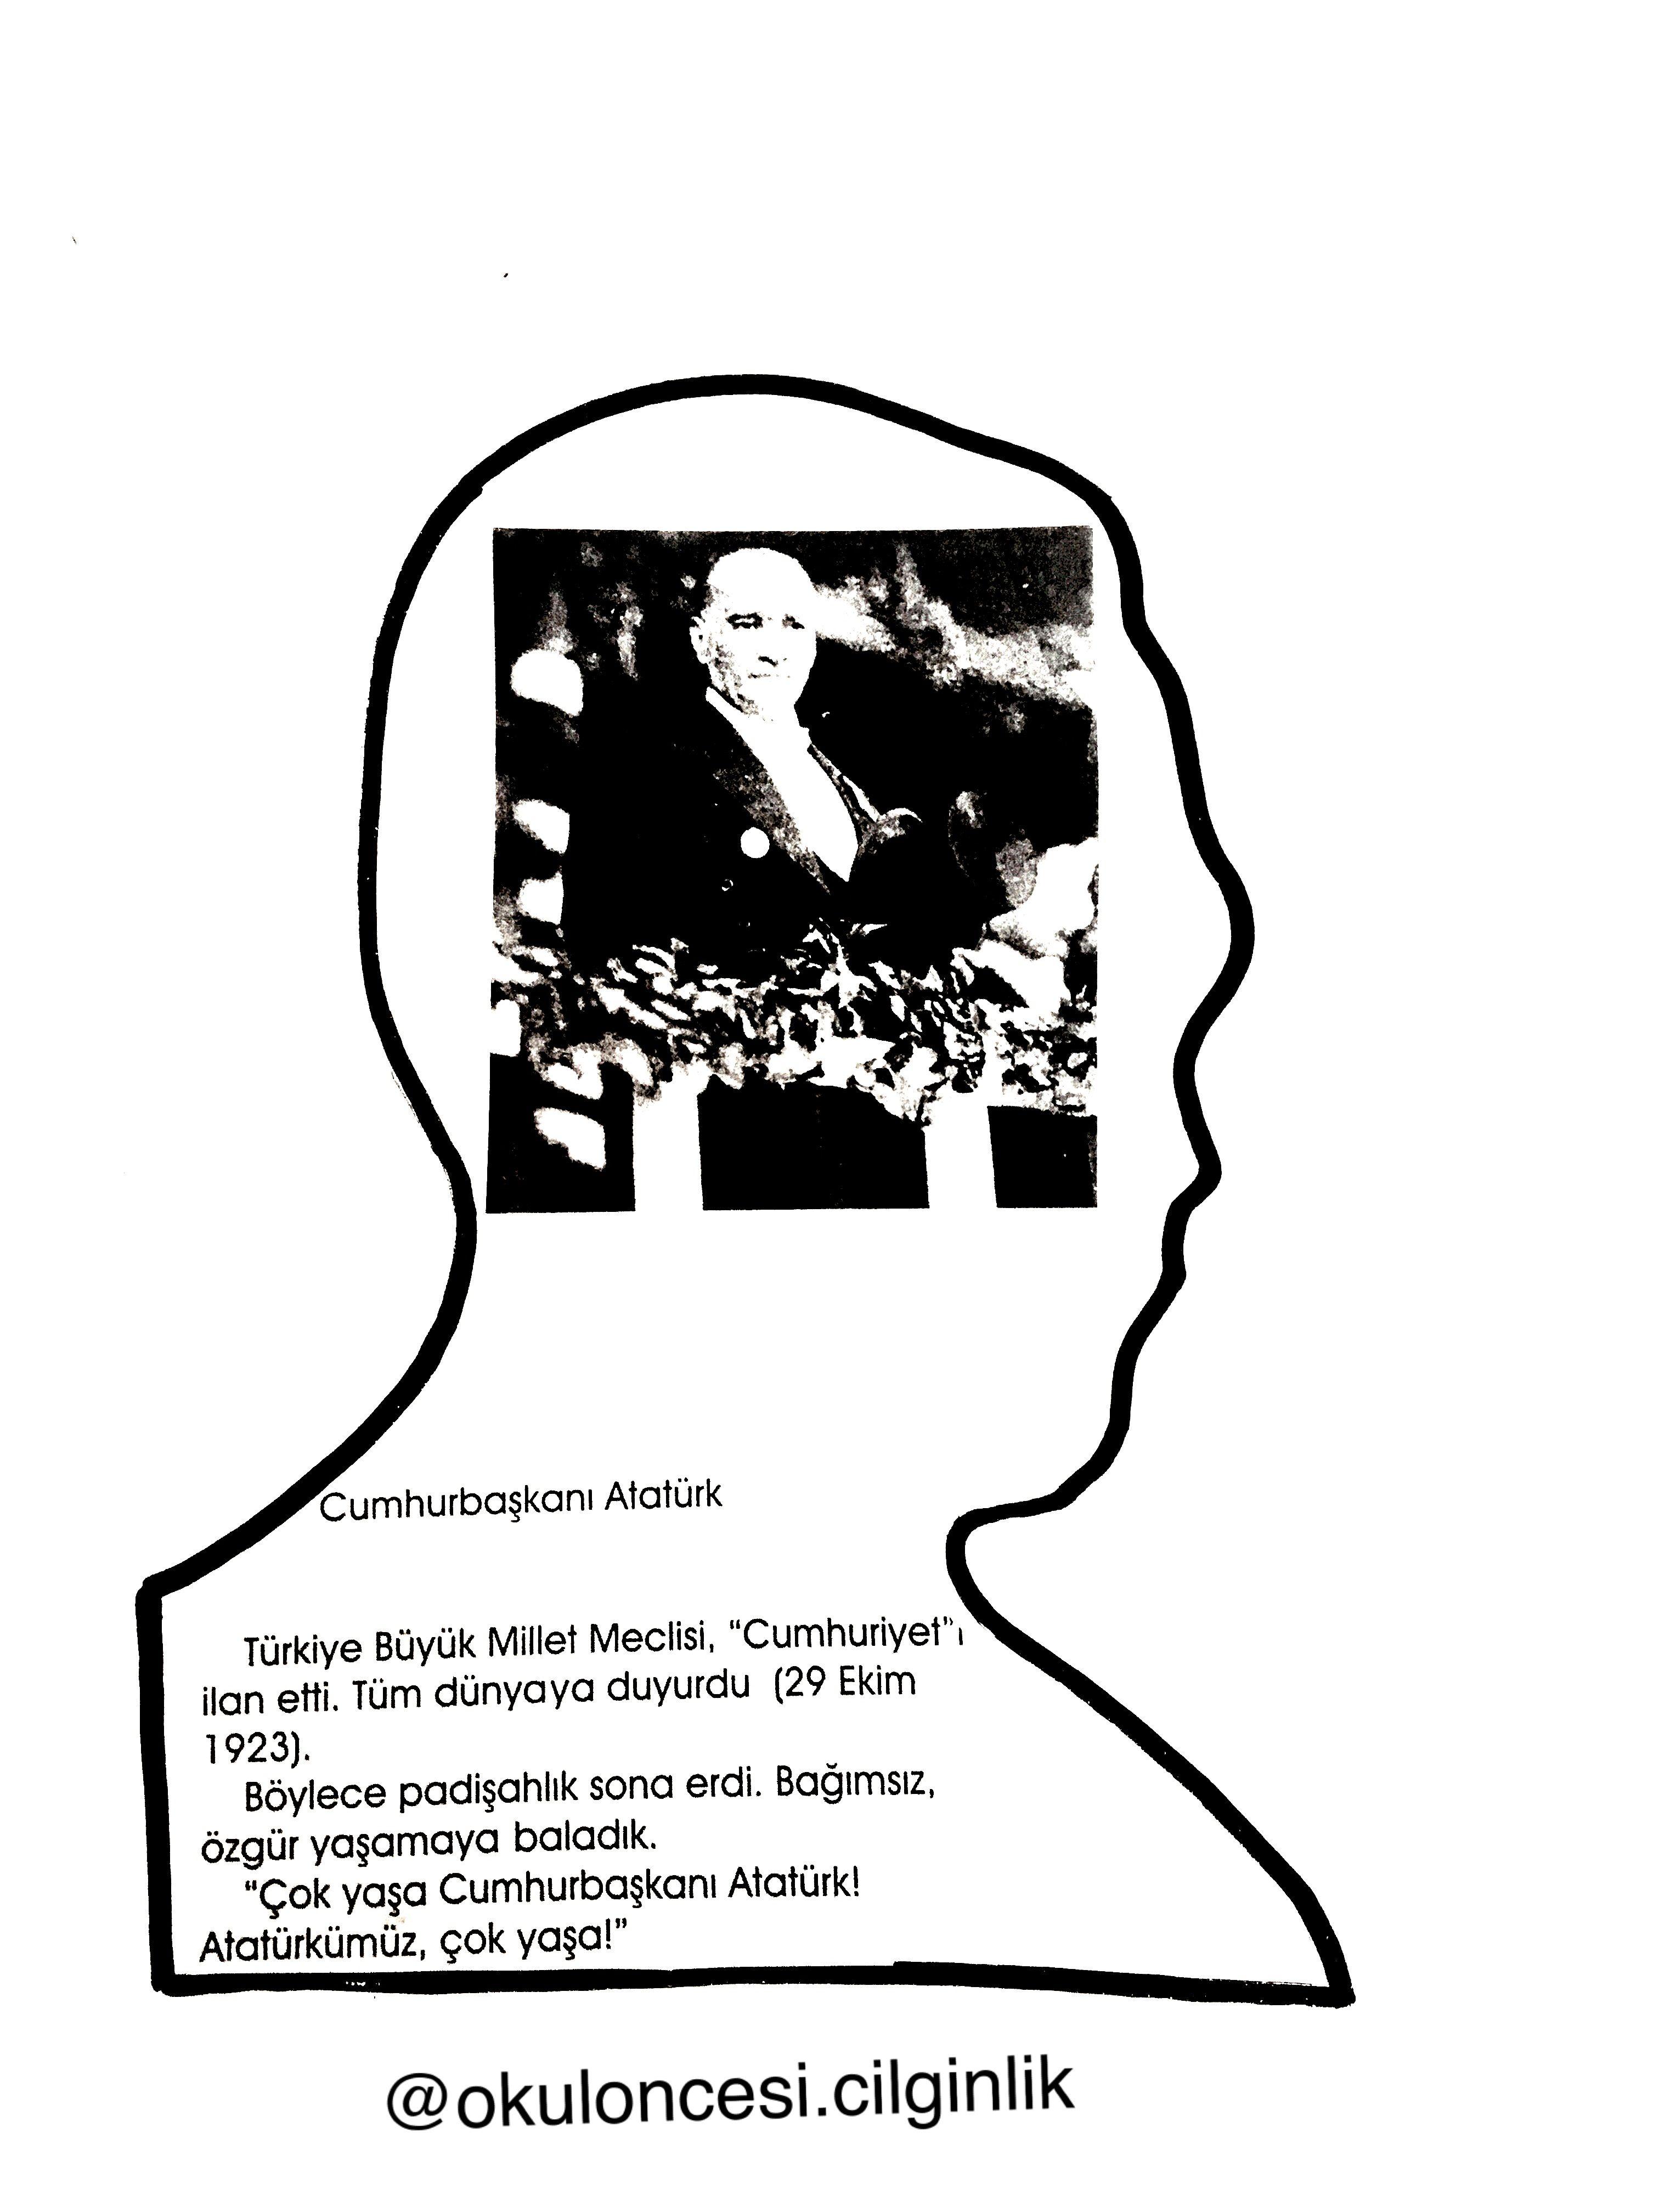 Ataturk Kitapcigi Kalip 6 Okuloncesi Cilginlik Basak Ogretmen Faaliyetler Egitim Okuma